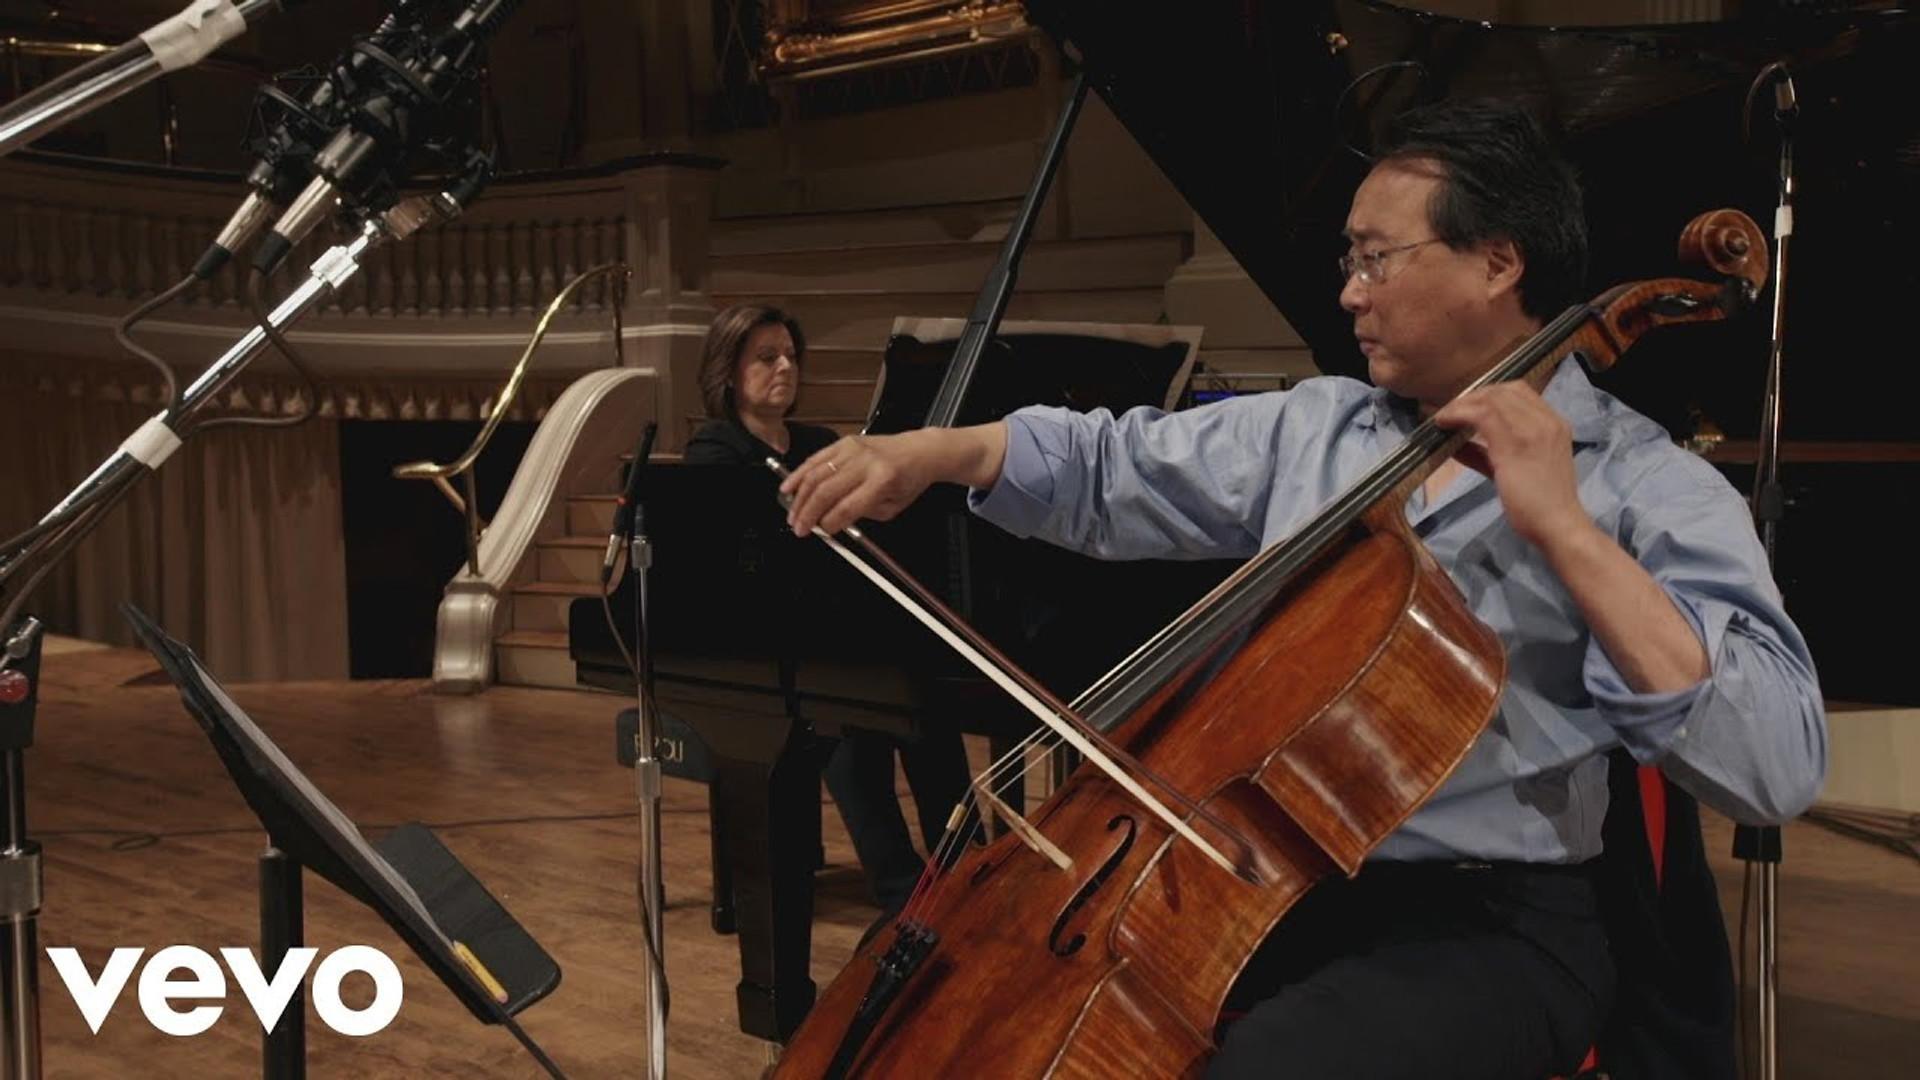 Cello Lessons in Edgebrook IL